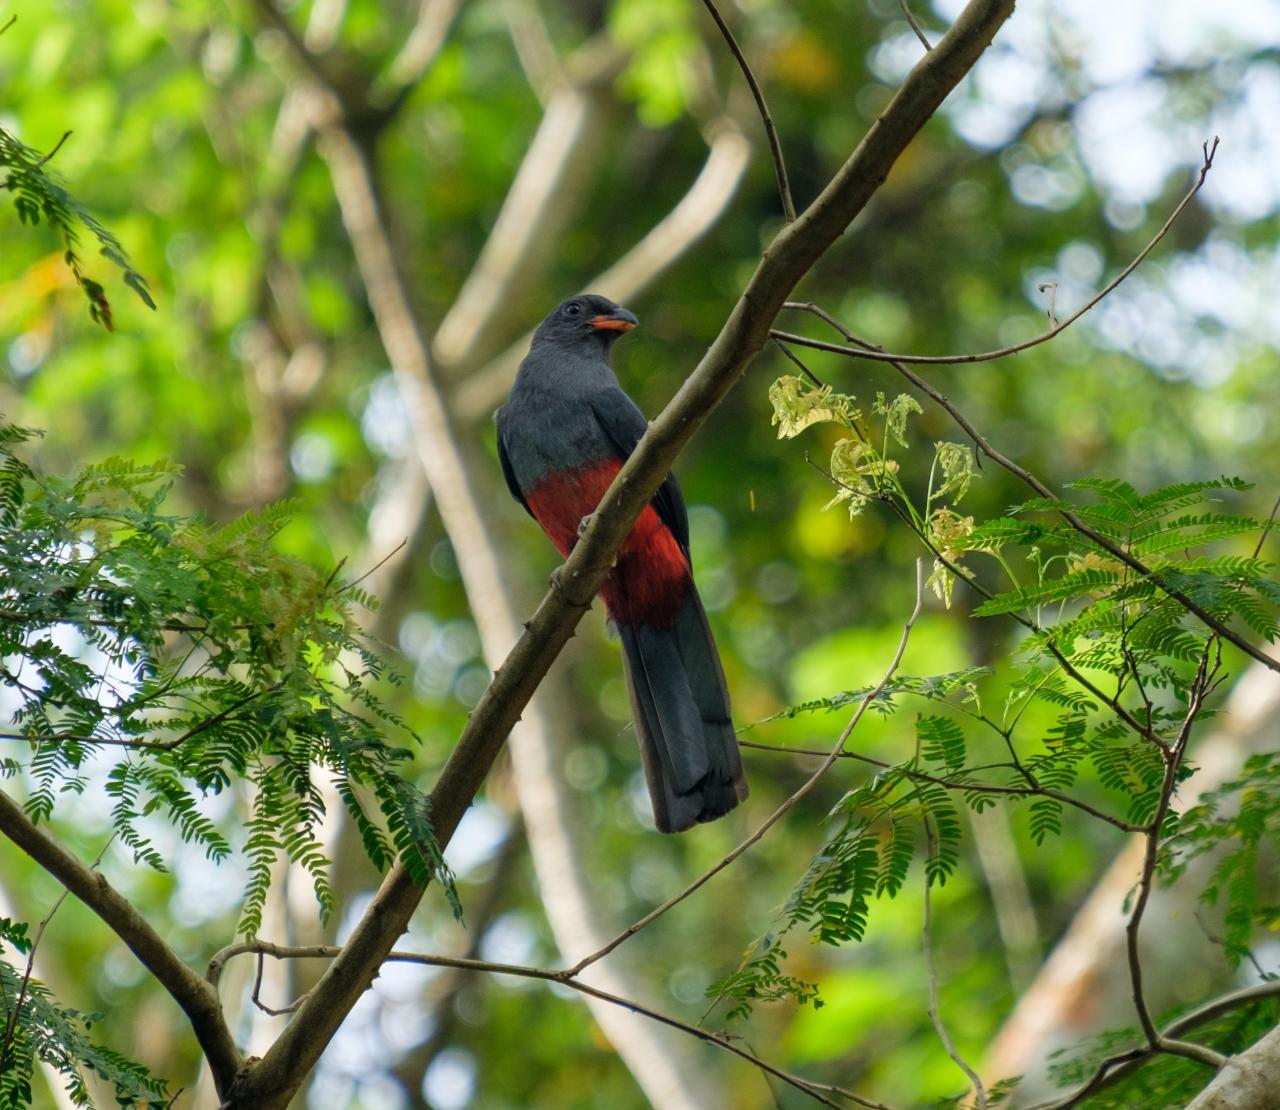 BIRD WATCHING AT BOCAWINA RAINFOREST NATIONAL PARK - 2HRS